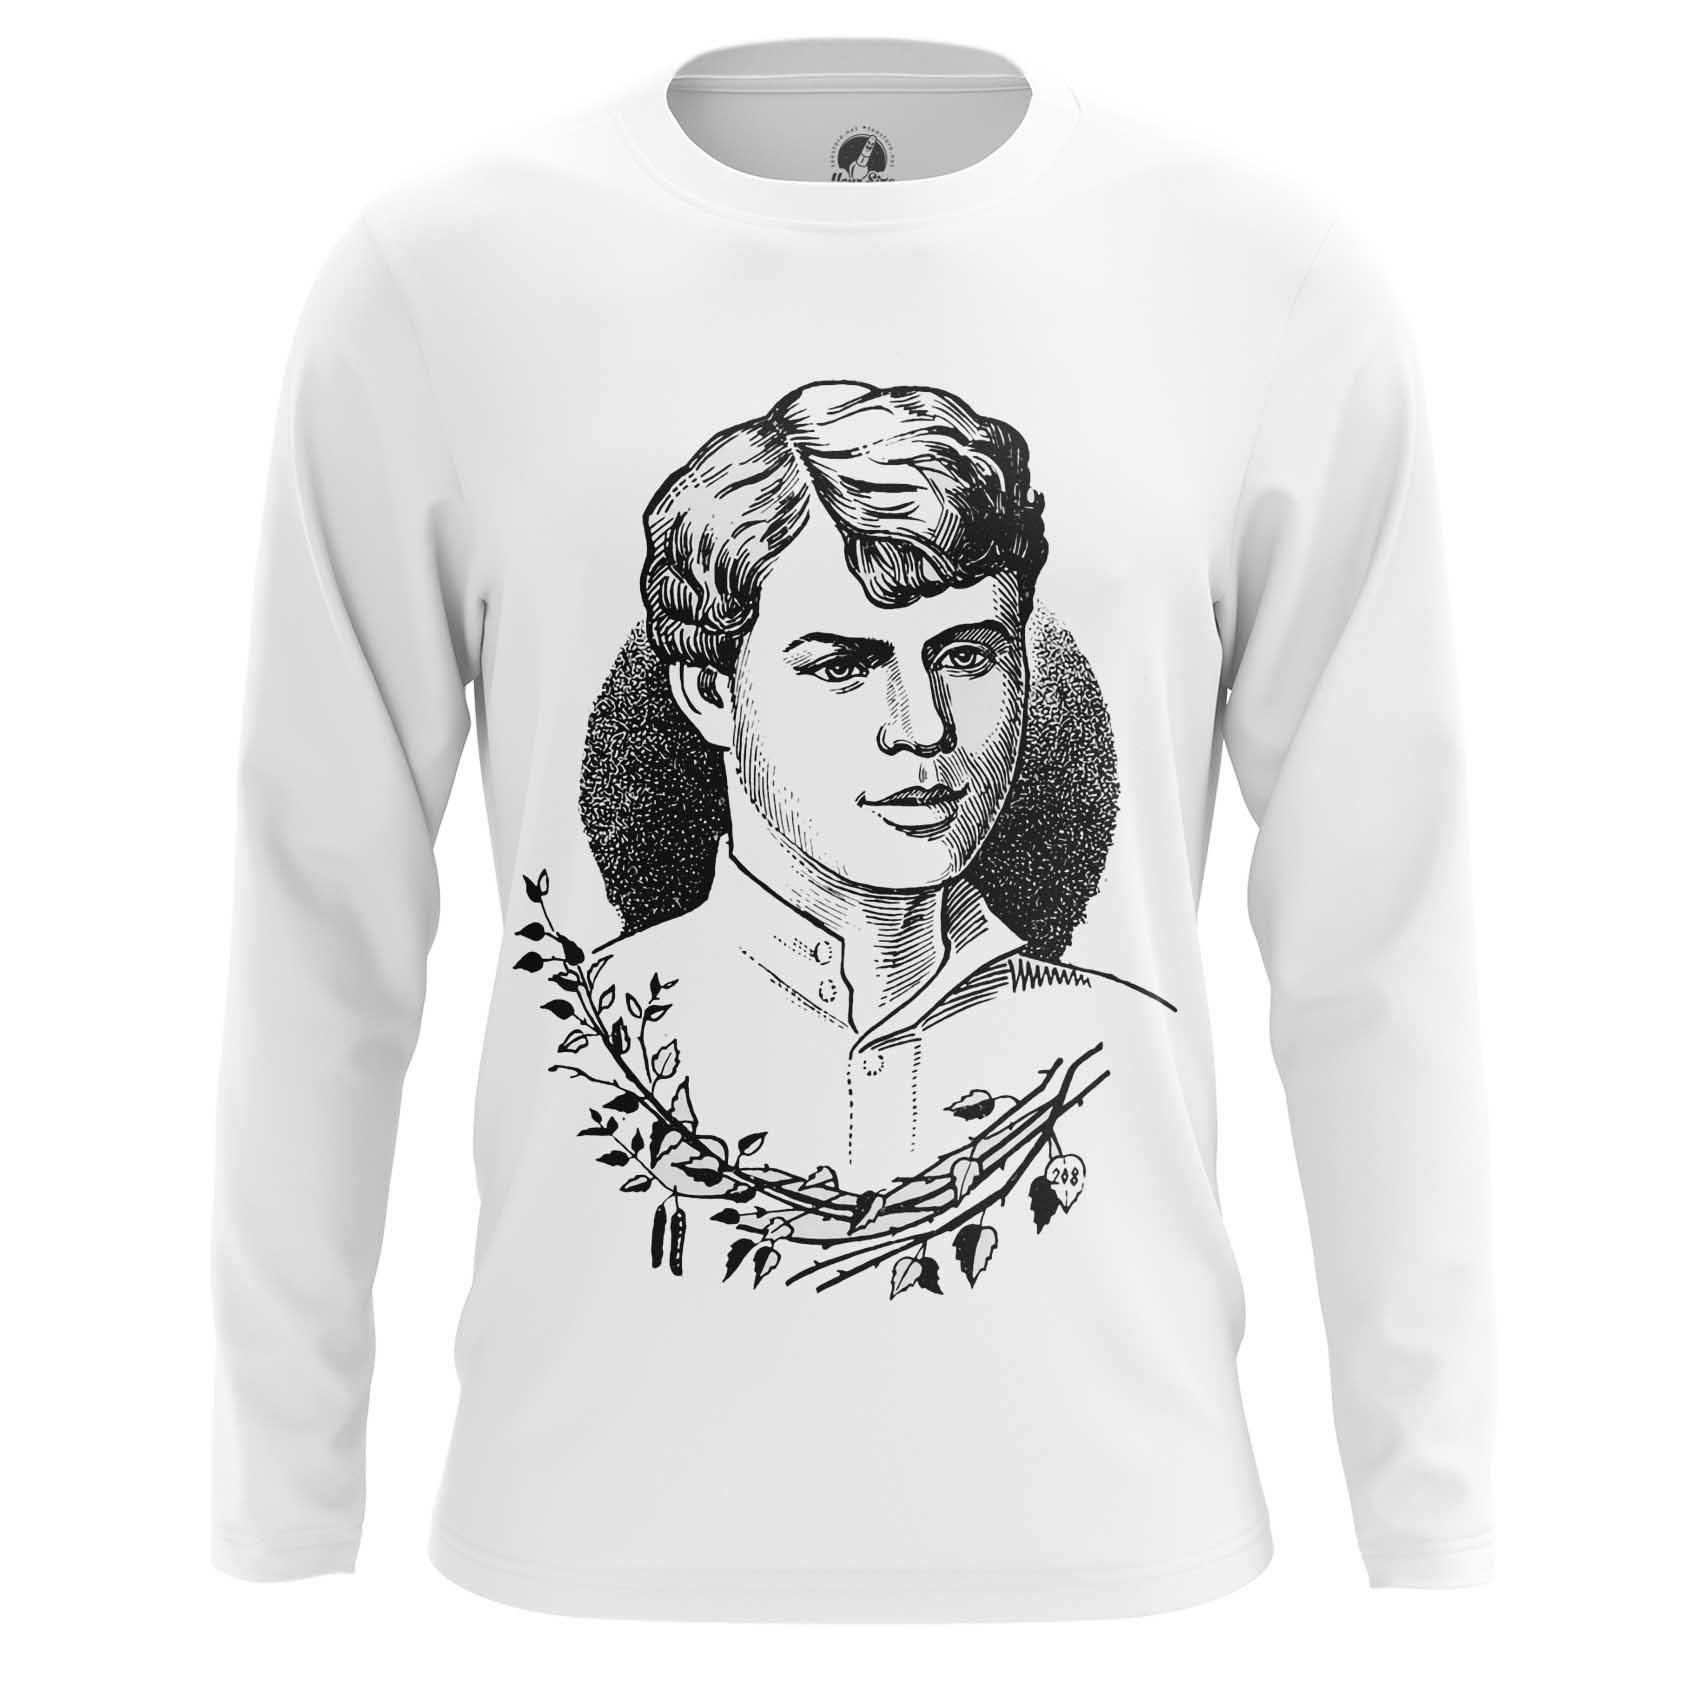 Collectibles Men'S T-Shirt Sergei Yesenin Merch Top